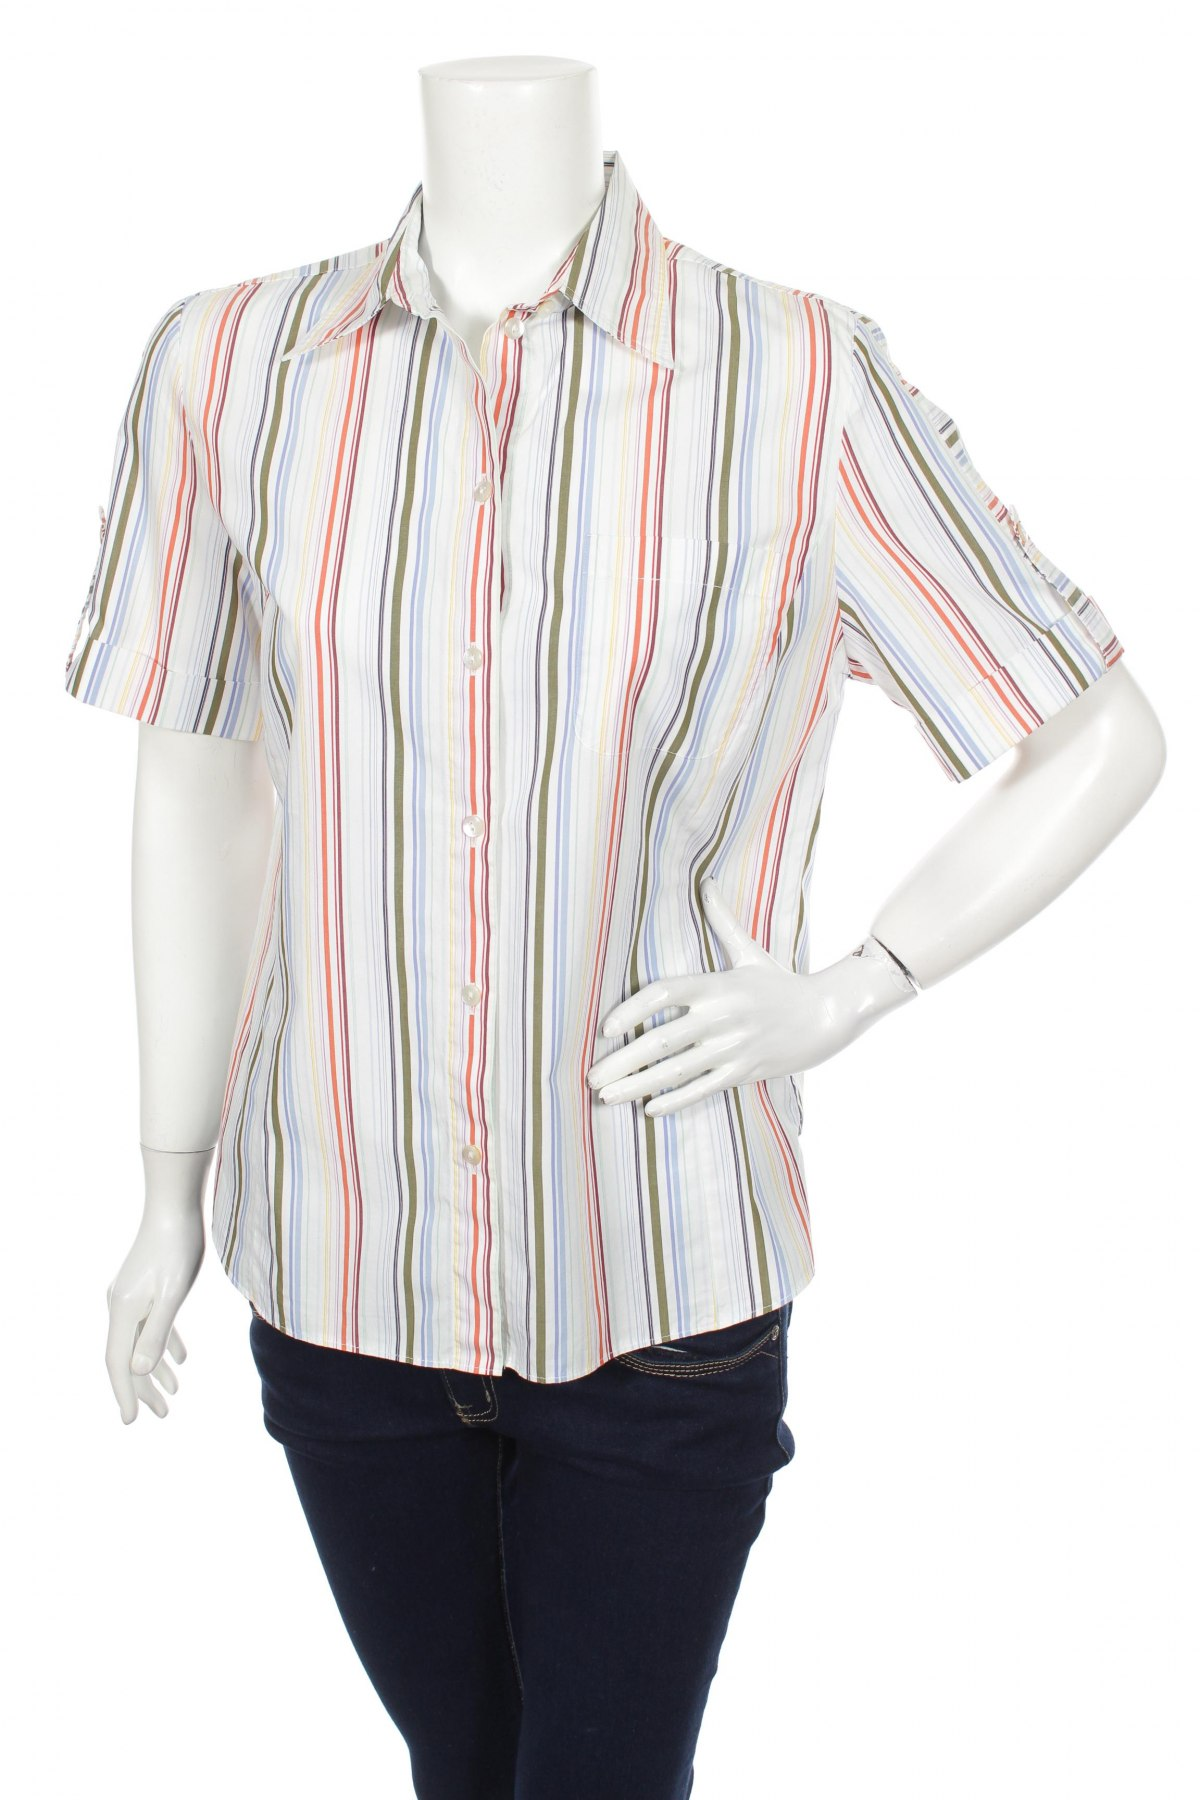 Γυναικείο πουκάμισο Tru City